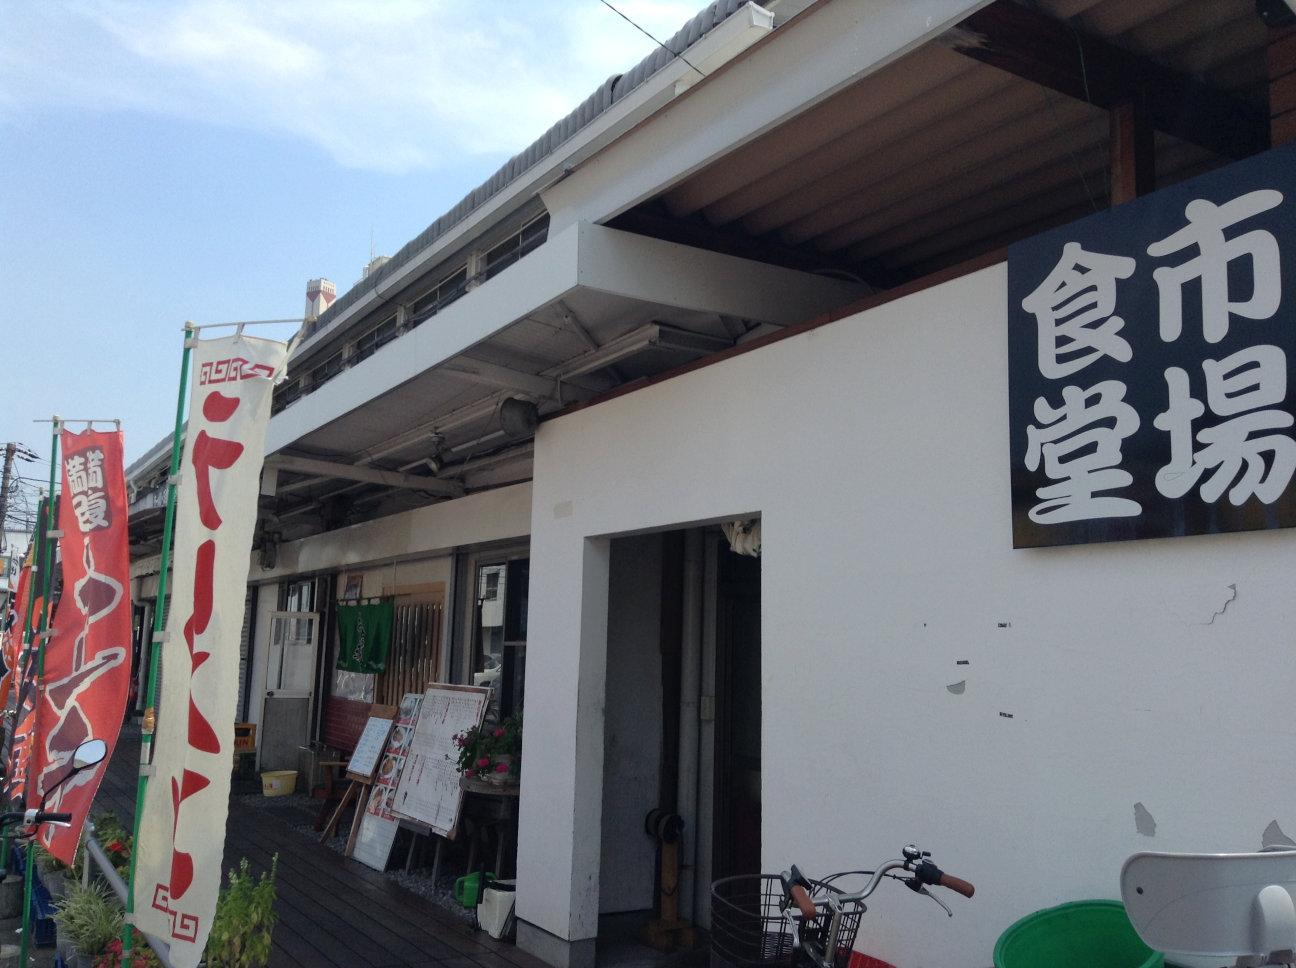 自転車】松戸南部市場でデカ ...